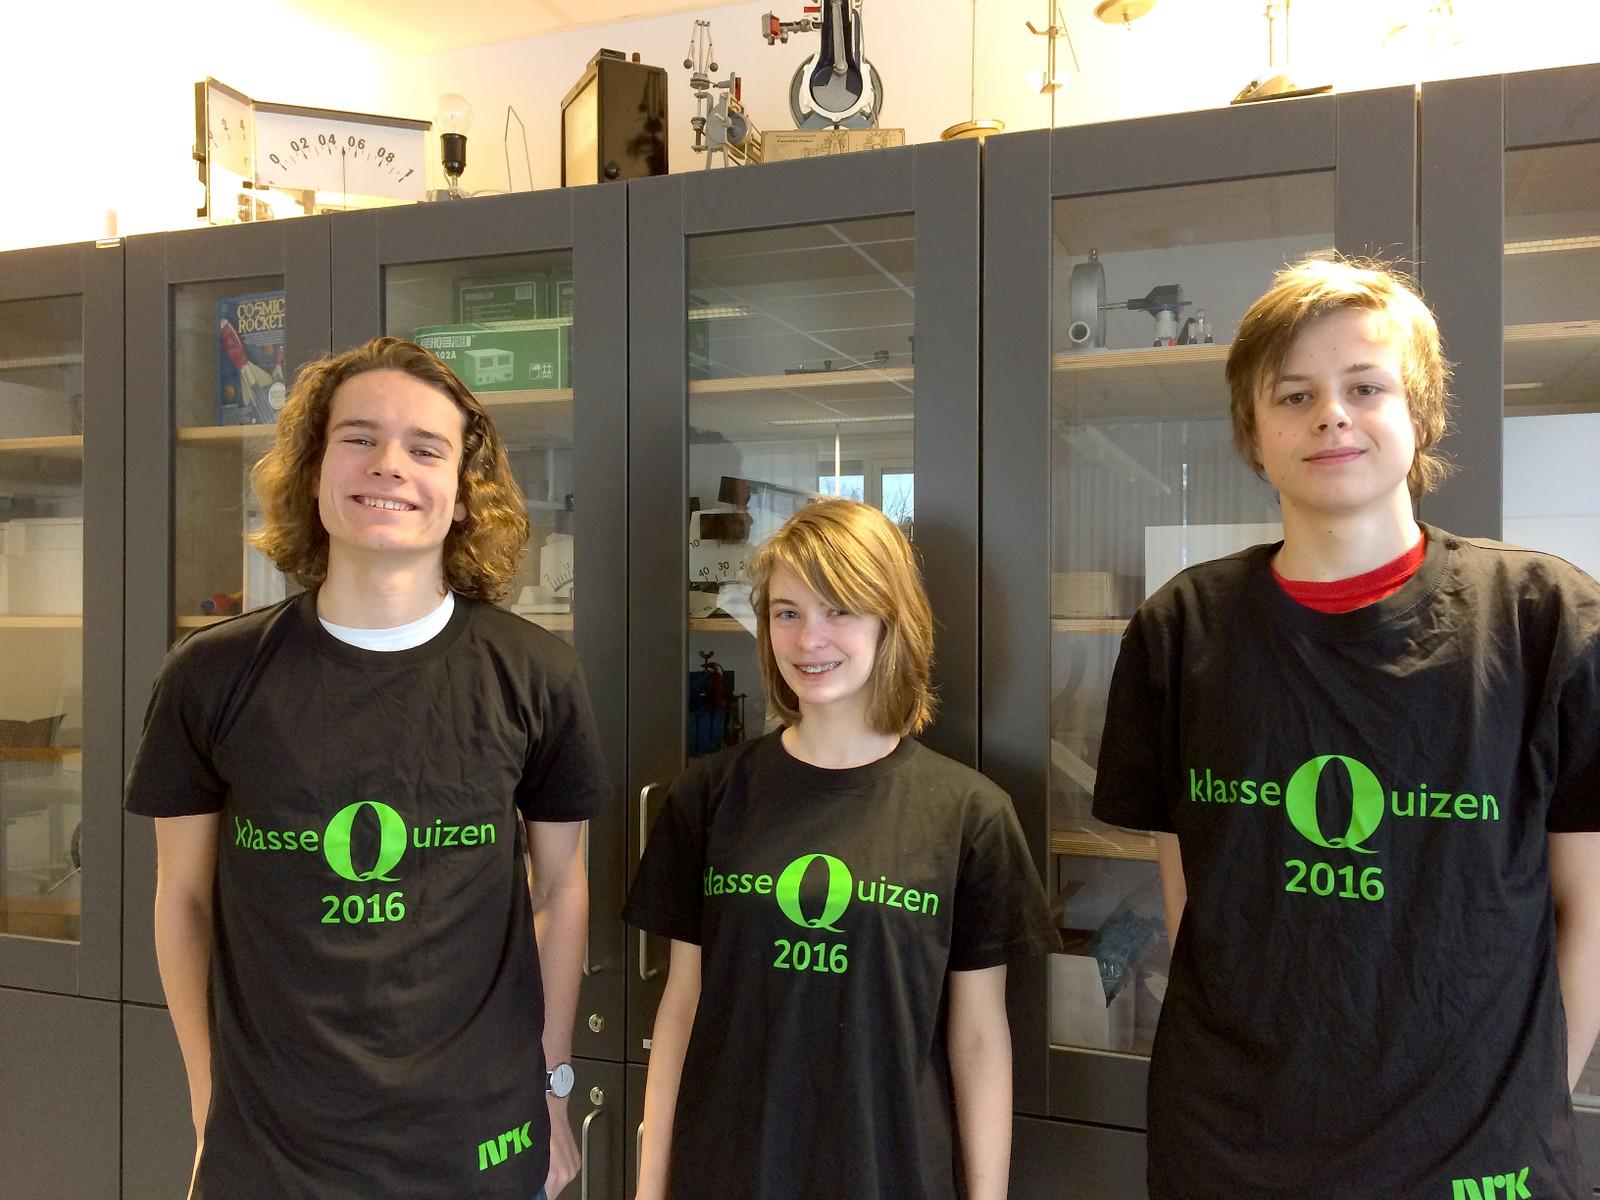 Rasmus Bach Sindre, Tyra Joarsdottir og Johan Edvard Karlsen fra Rosenborg skole fikk 11 poeng av 12 mulige.